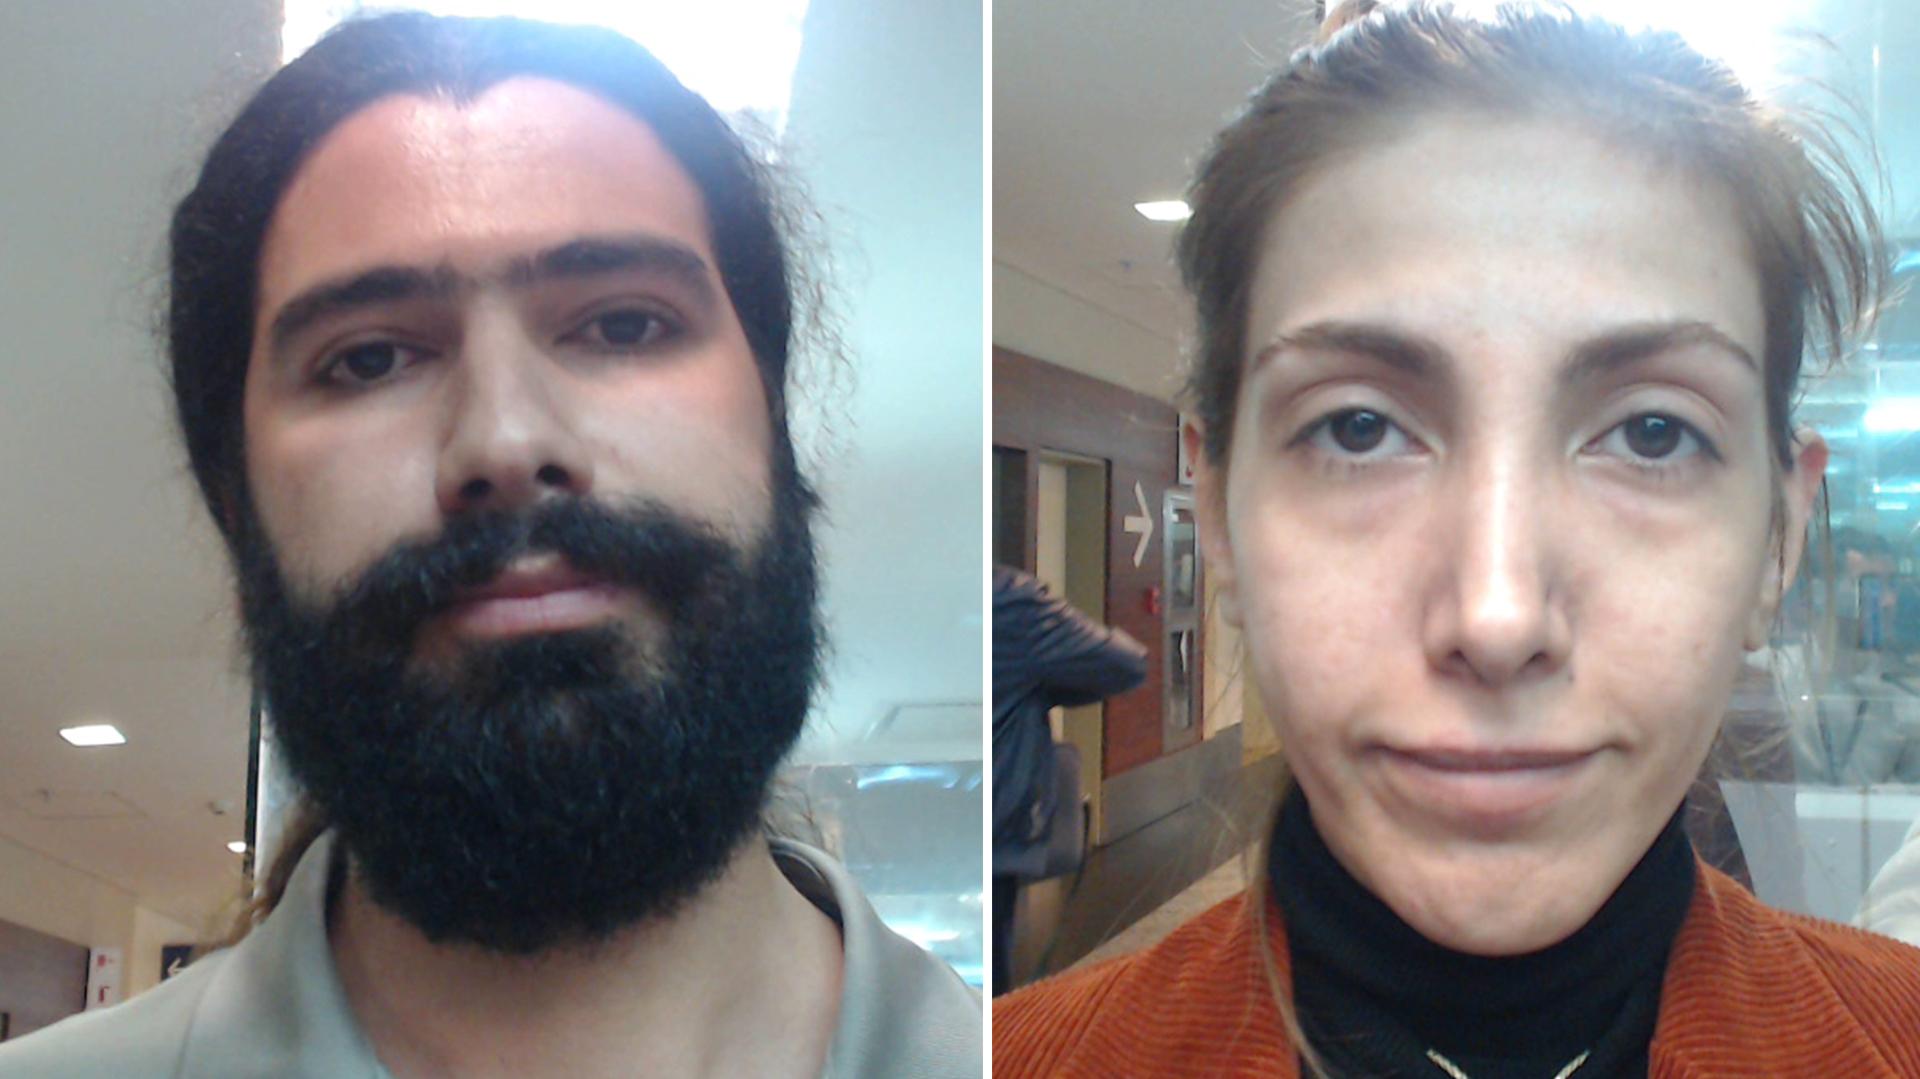 El caso de los 2 iraníes detenidos por ingresar con pasaportes falsos alertó a las autoridades para extremar los controles